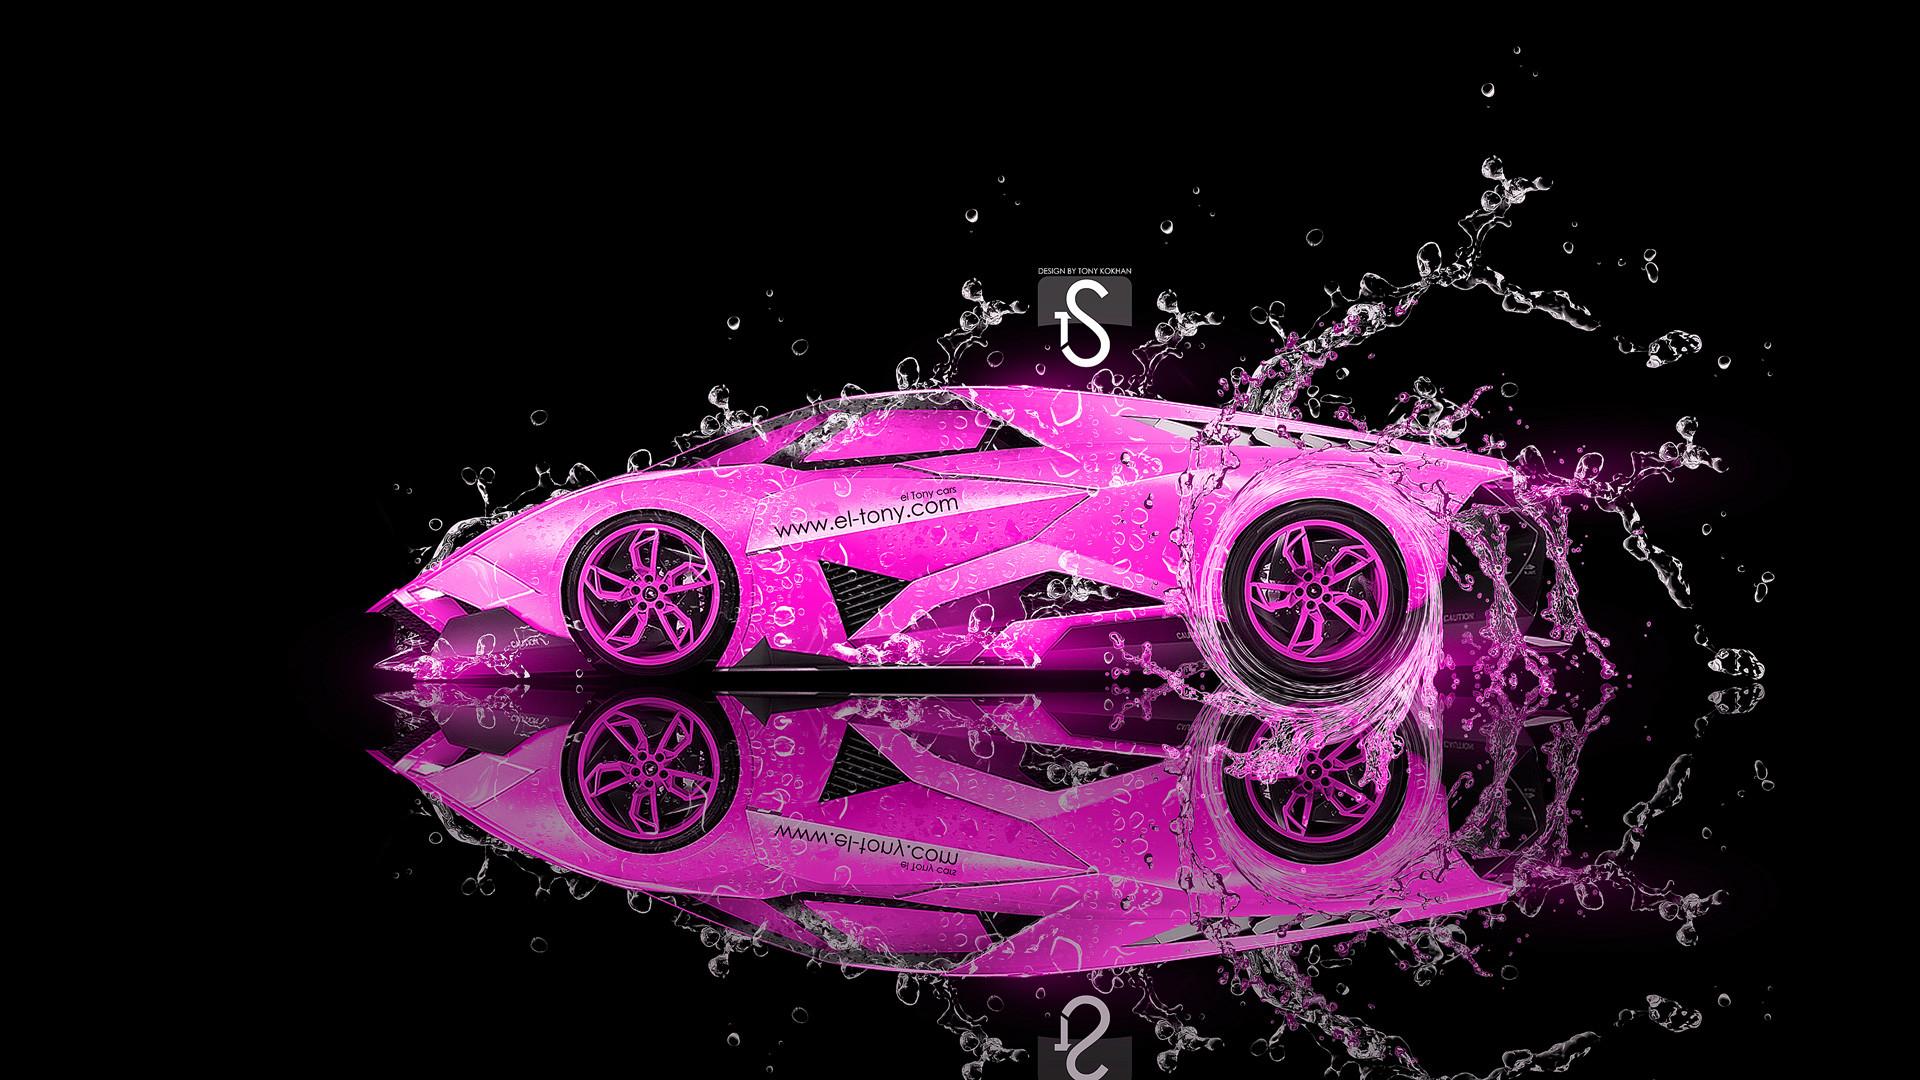 Pink And Black Lamborghini Wallpaper 16 Free Wallpaper